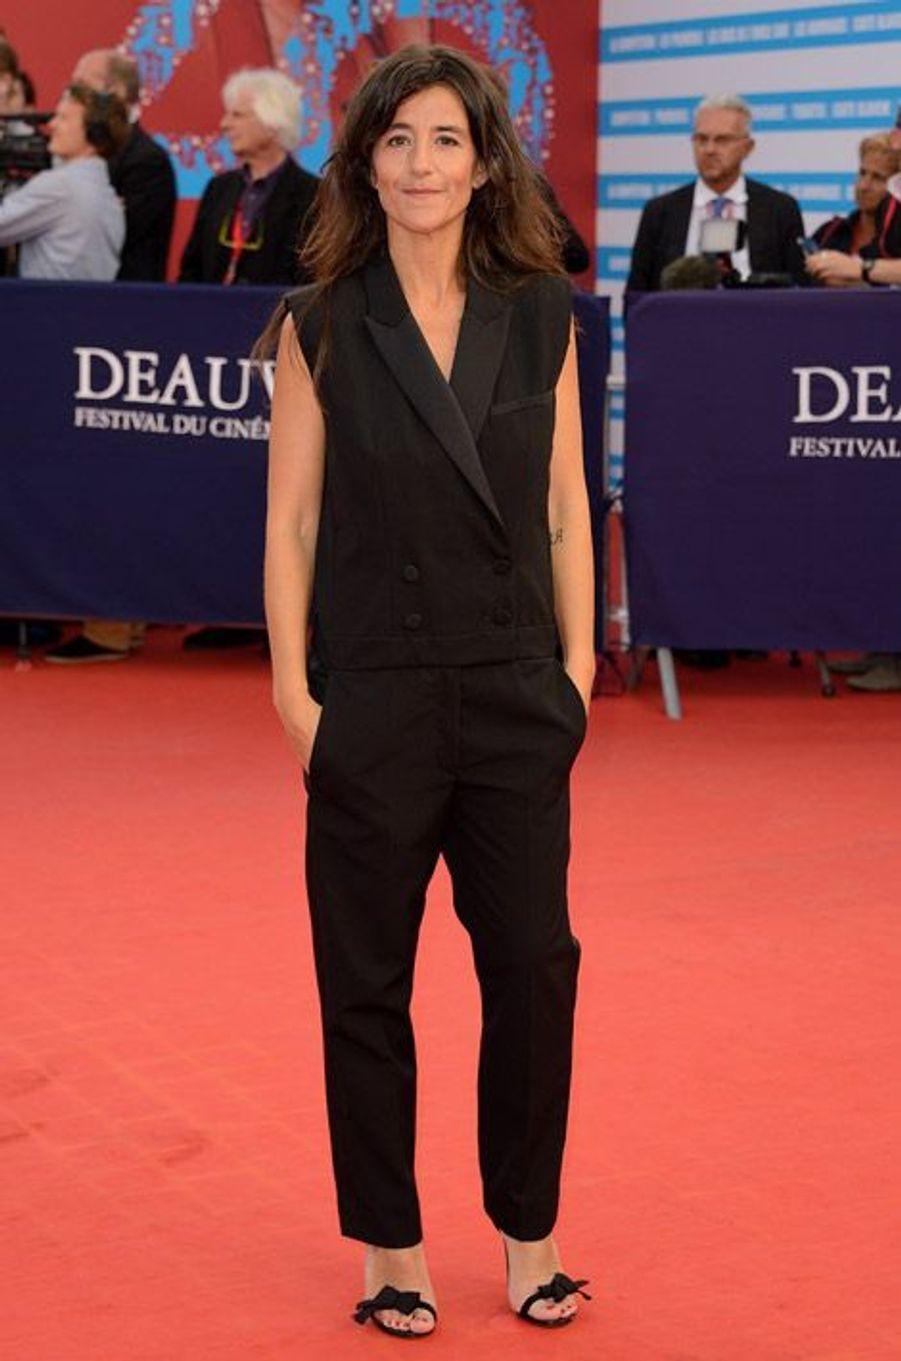 Romane Bohringer lors de la cérémonie de clôture du festival du cinéma américain de Deauville, le 13 septembre 2014